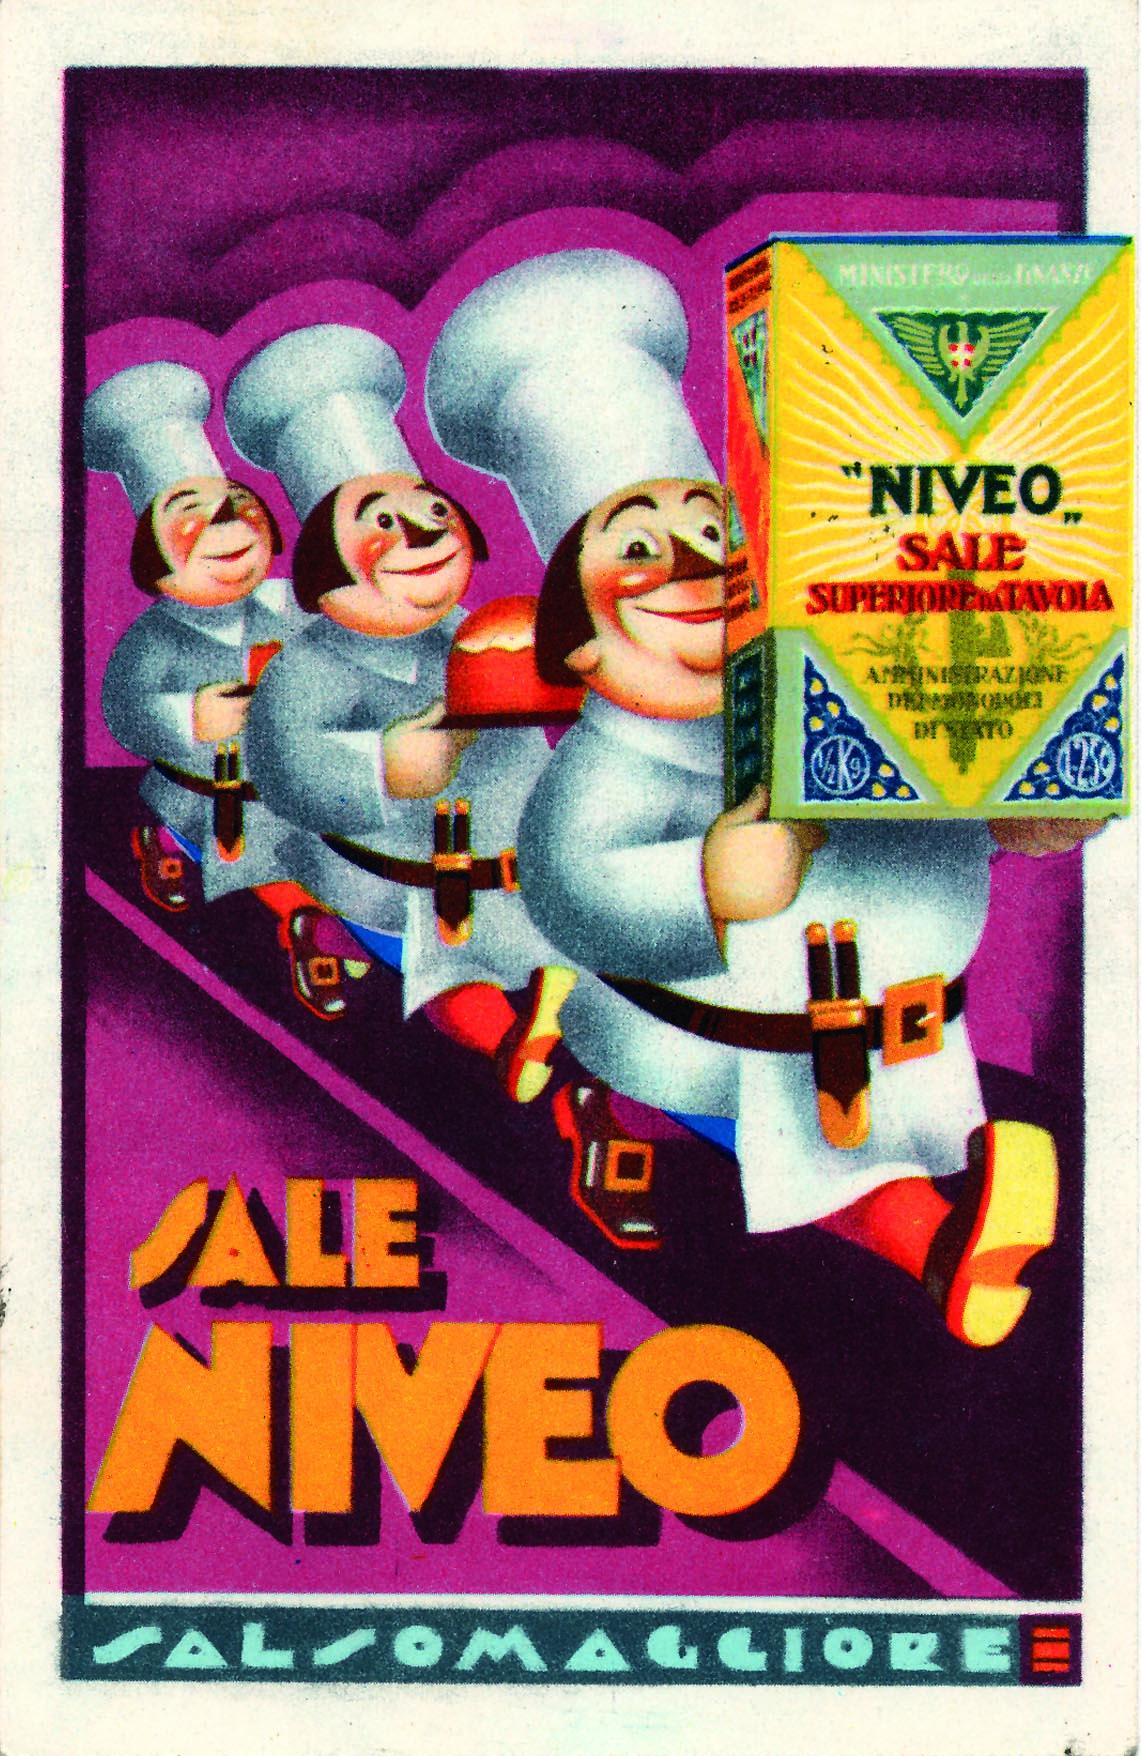 Cartolina pubblicitaria del Sale Niveo di Salsomaggiore del 1933 (Langhirano, Museo del Prosciutto di Parma)